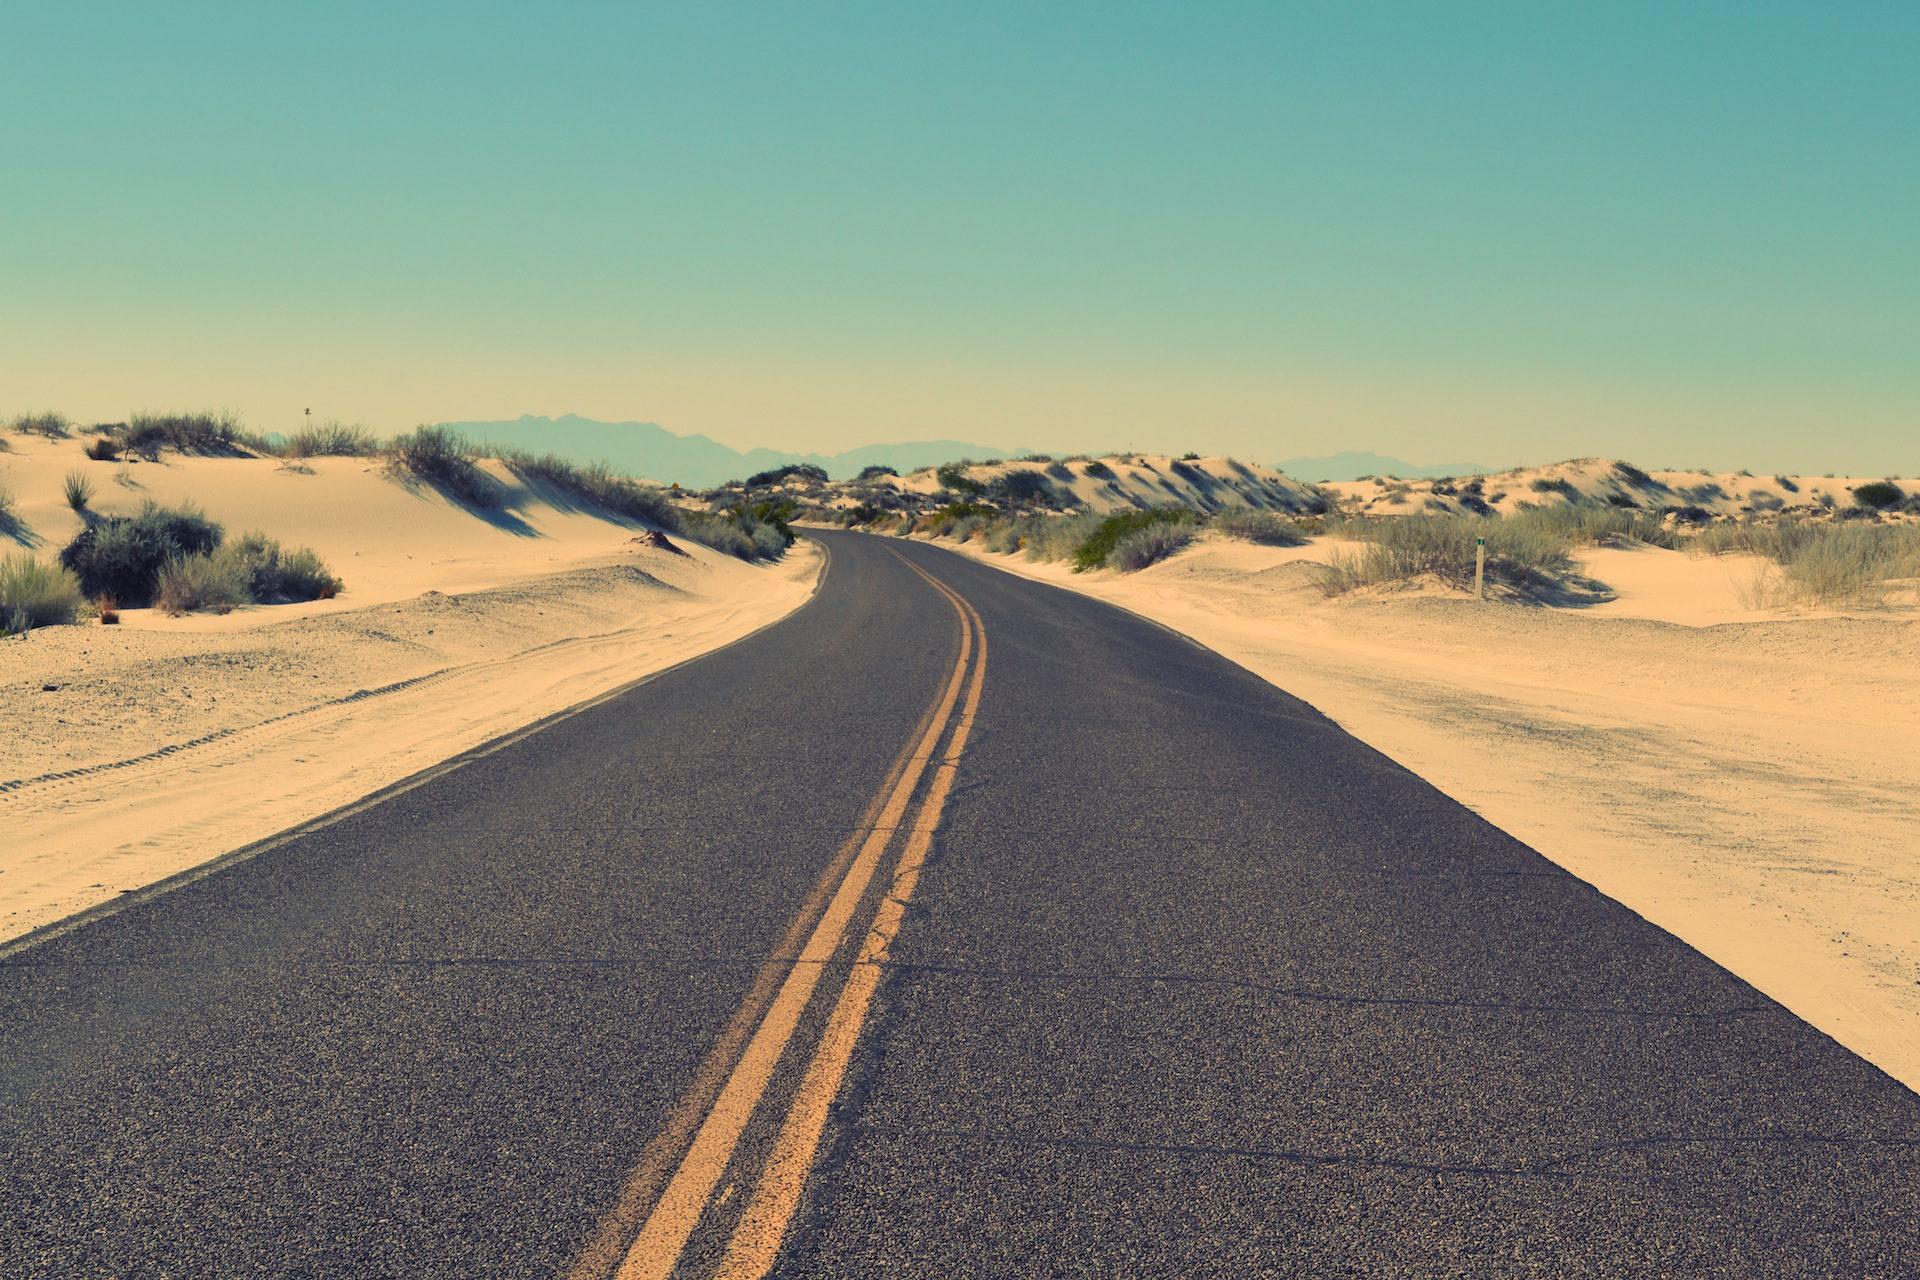 الطريق, الأسفلت, صحراء, الرمال, فقدت - خلفيات عالية الدقة - أستاذ falken.com